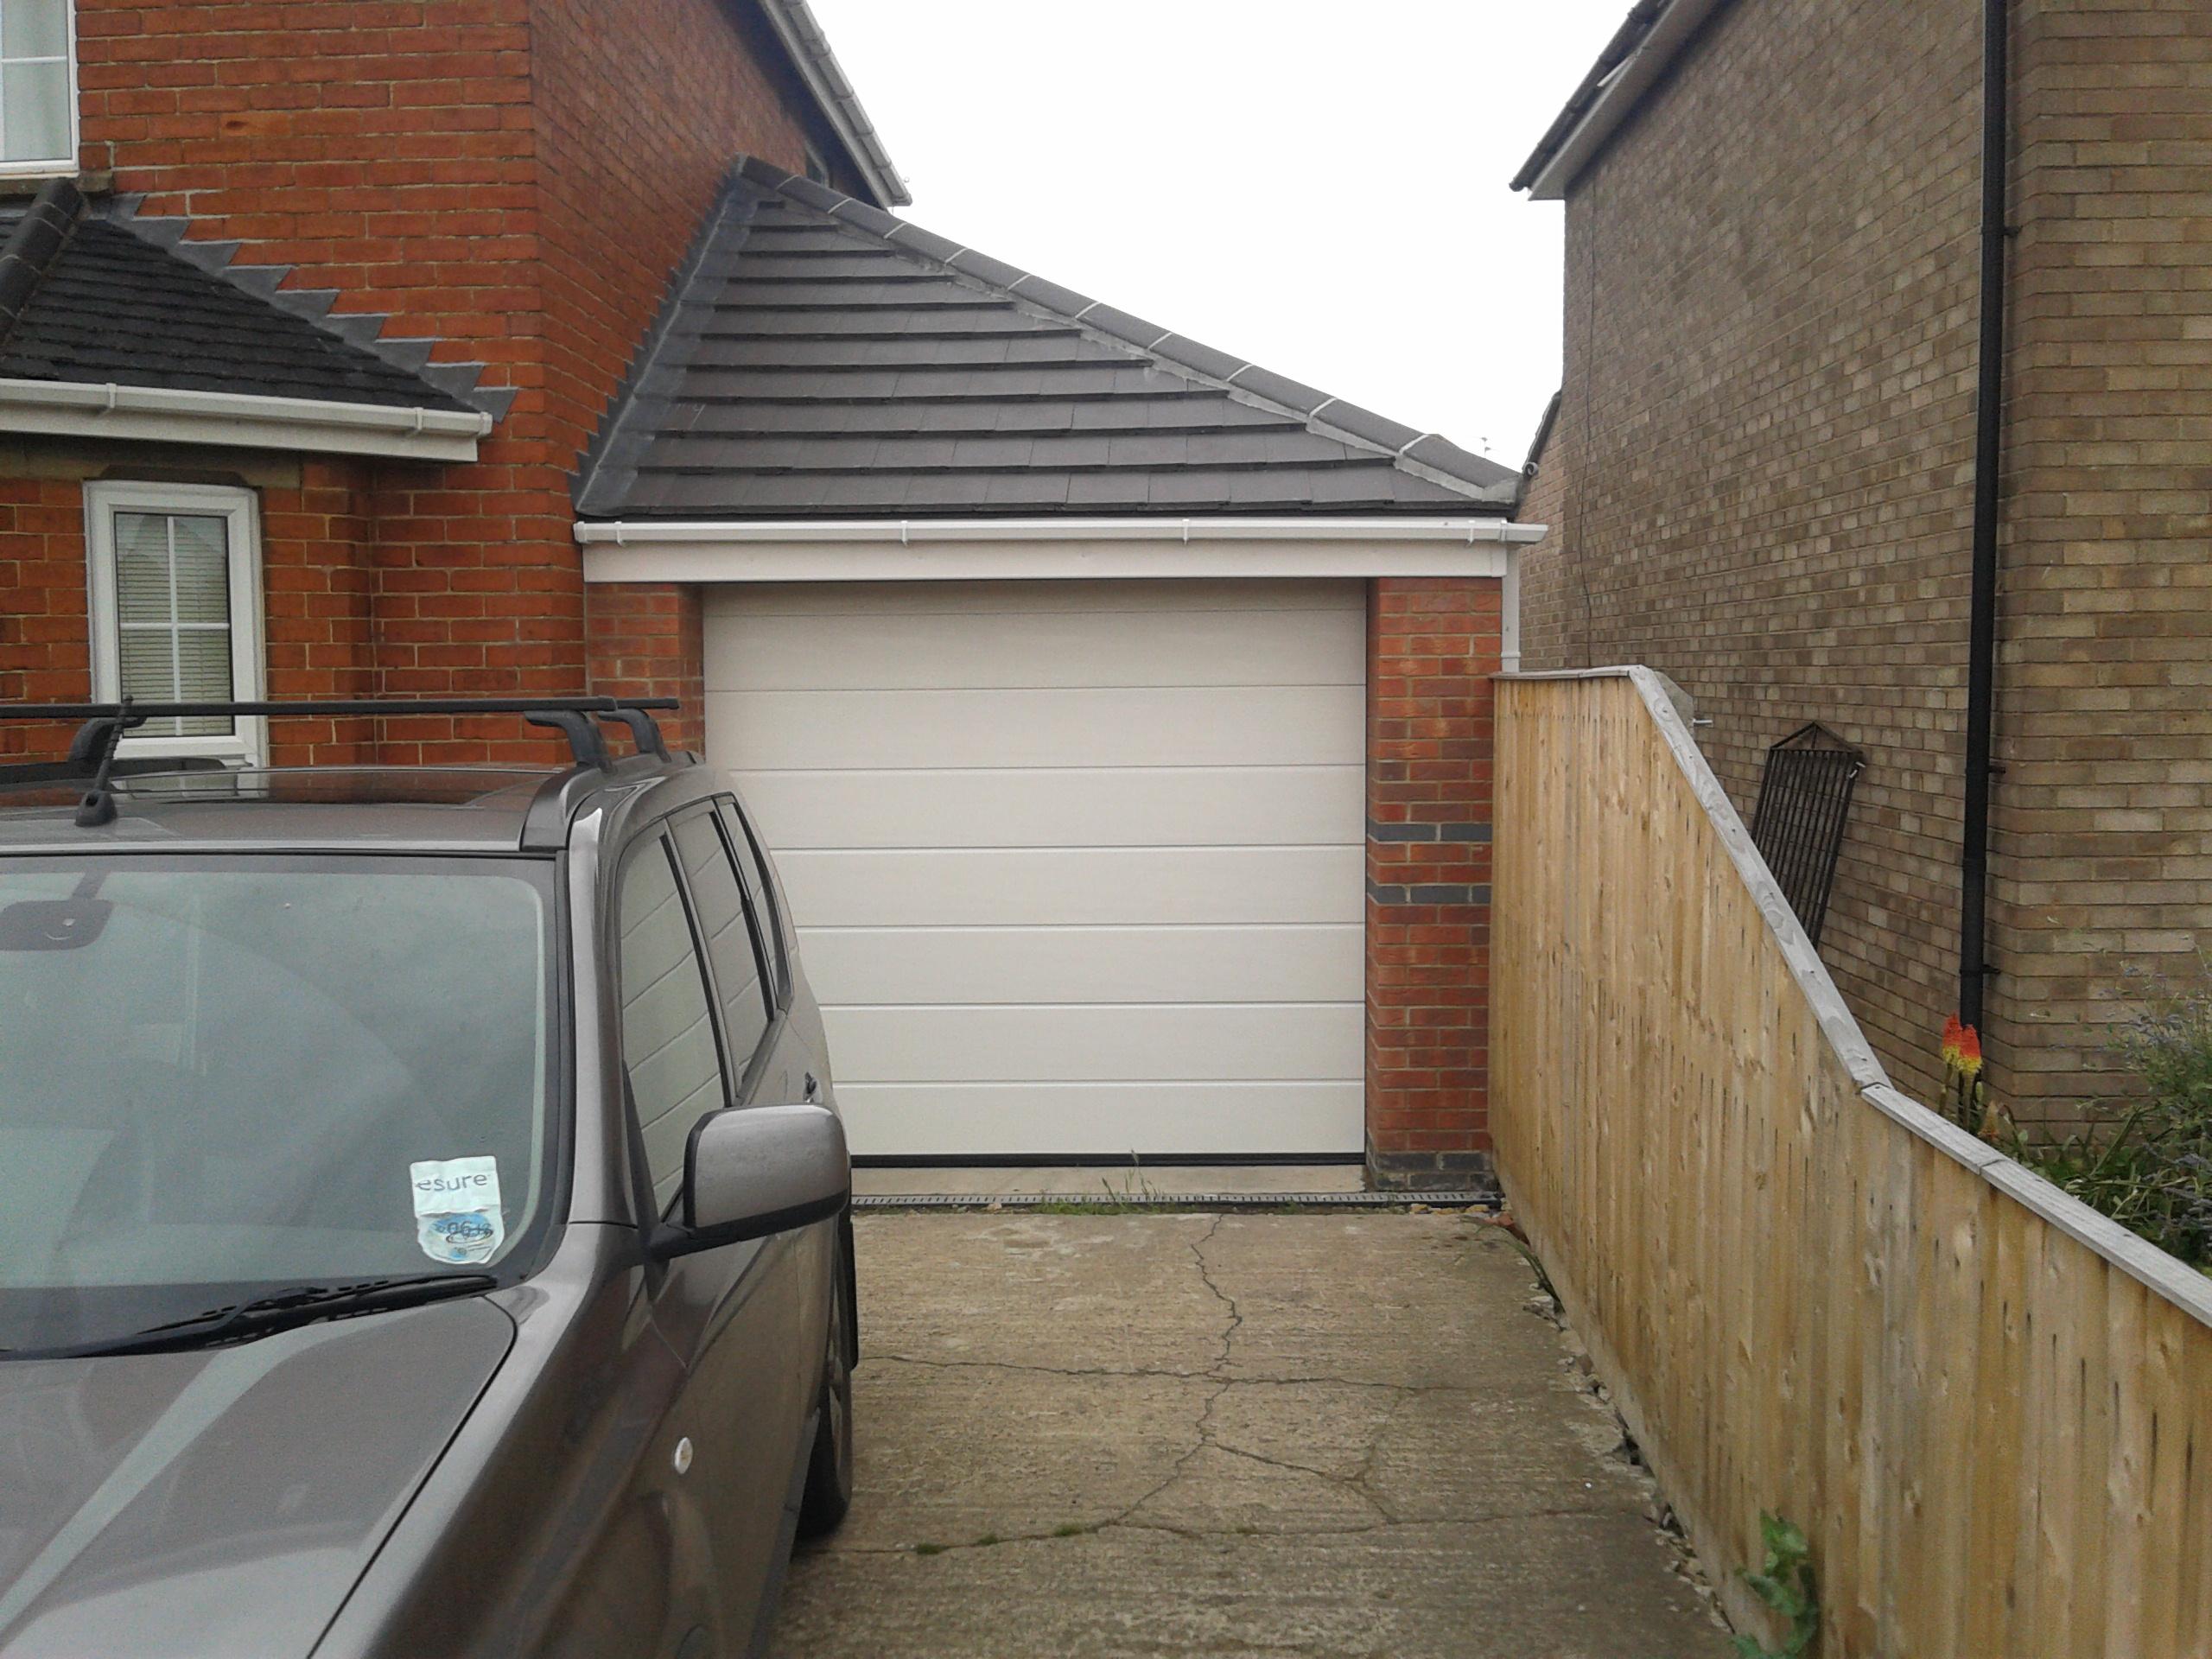 Mrib sectional automatic garage door garage door company grantham single sectional automatic garage door sleaford rubansaba